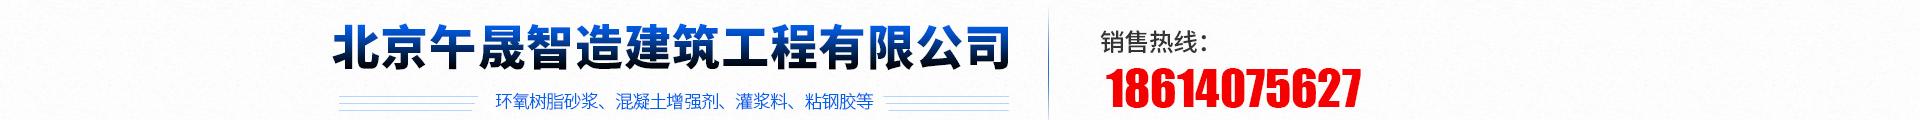 北京午晟智造建筑工程有限公司